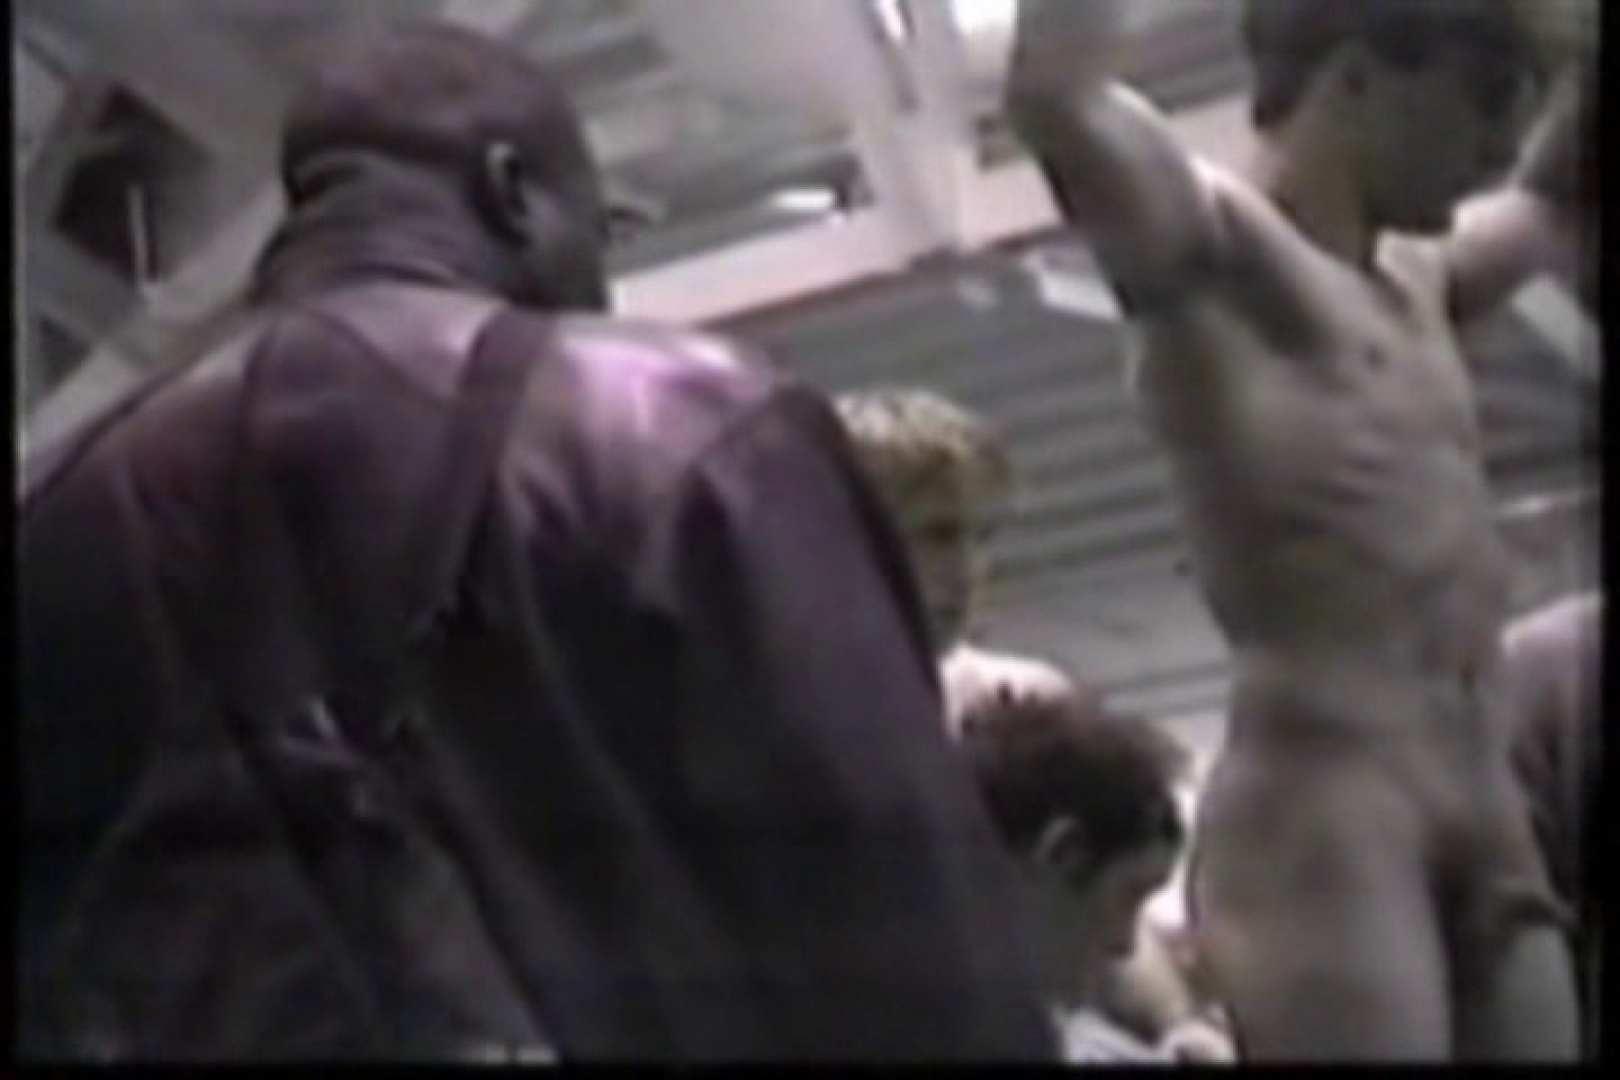 洋人さんの脱衣所を覗いてみました。VOL.8 ガチムチマッチョ系メンズ | 覗き特集  13画像 9